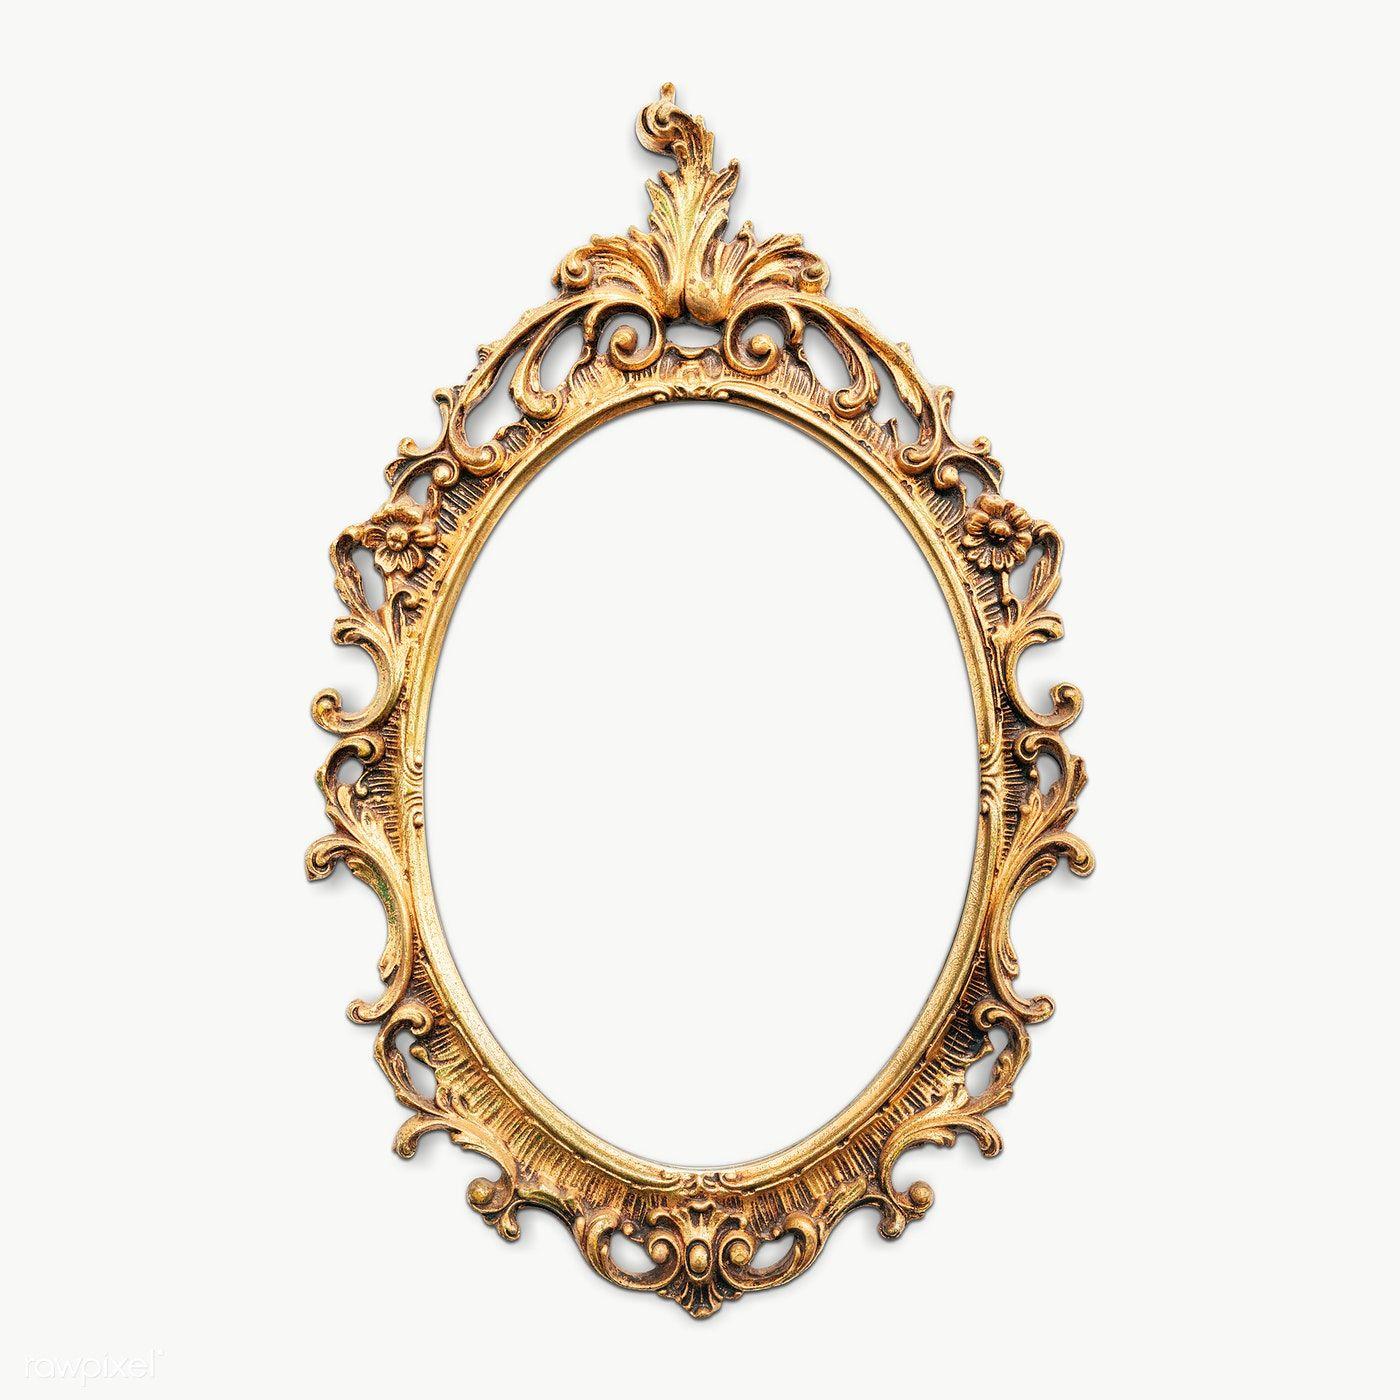 Download Premium Png Of Vintage Gold Picture Frame Mockup Transparent Png Gold Picture Frames Vintage Picture Frames Vintage Frames